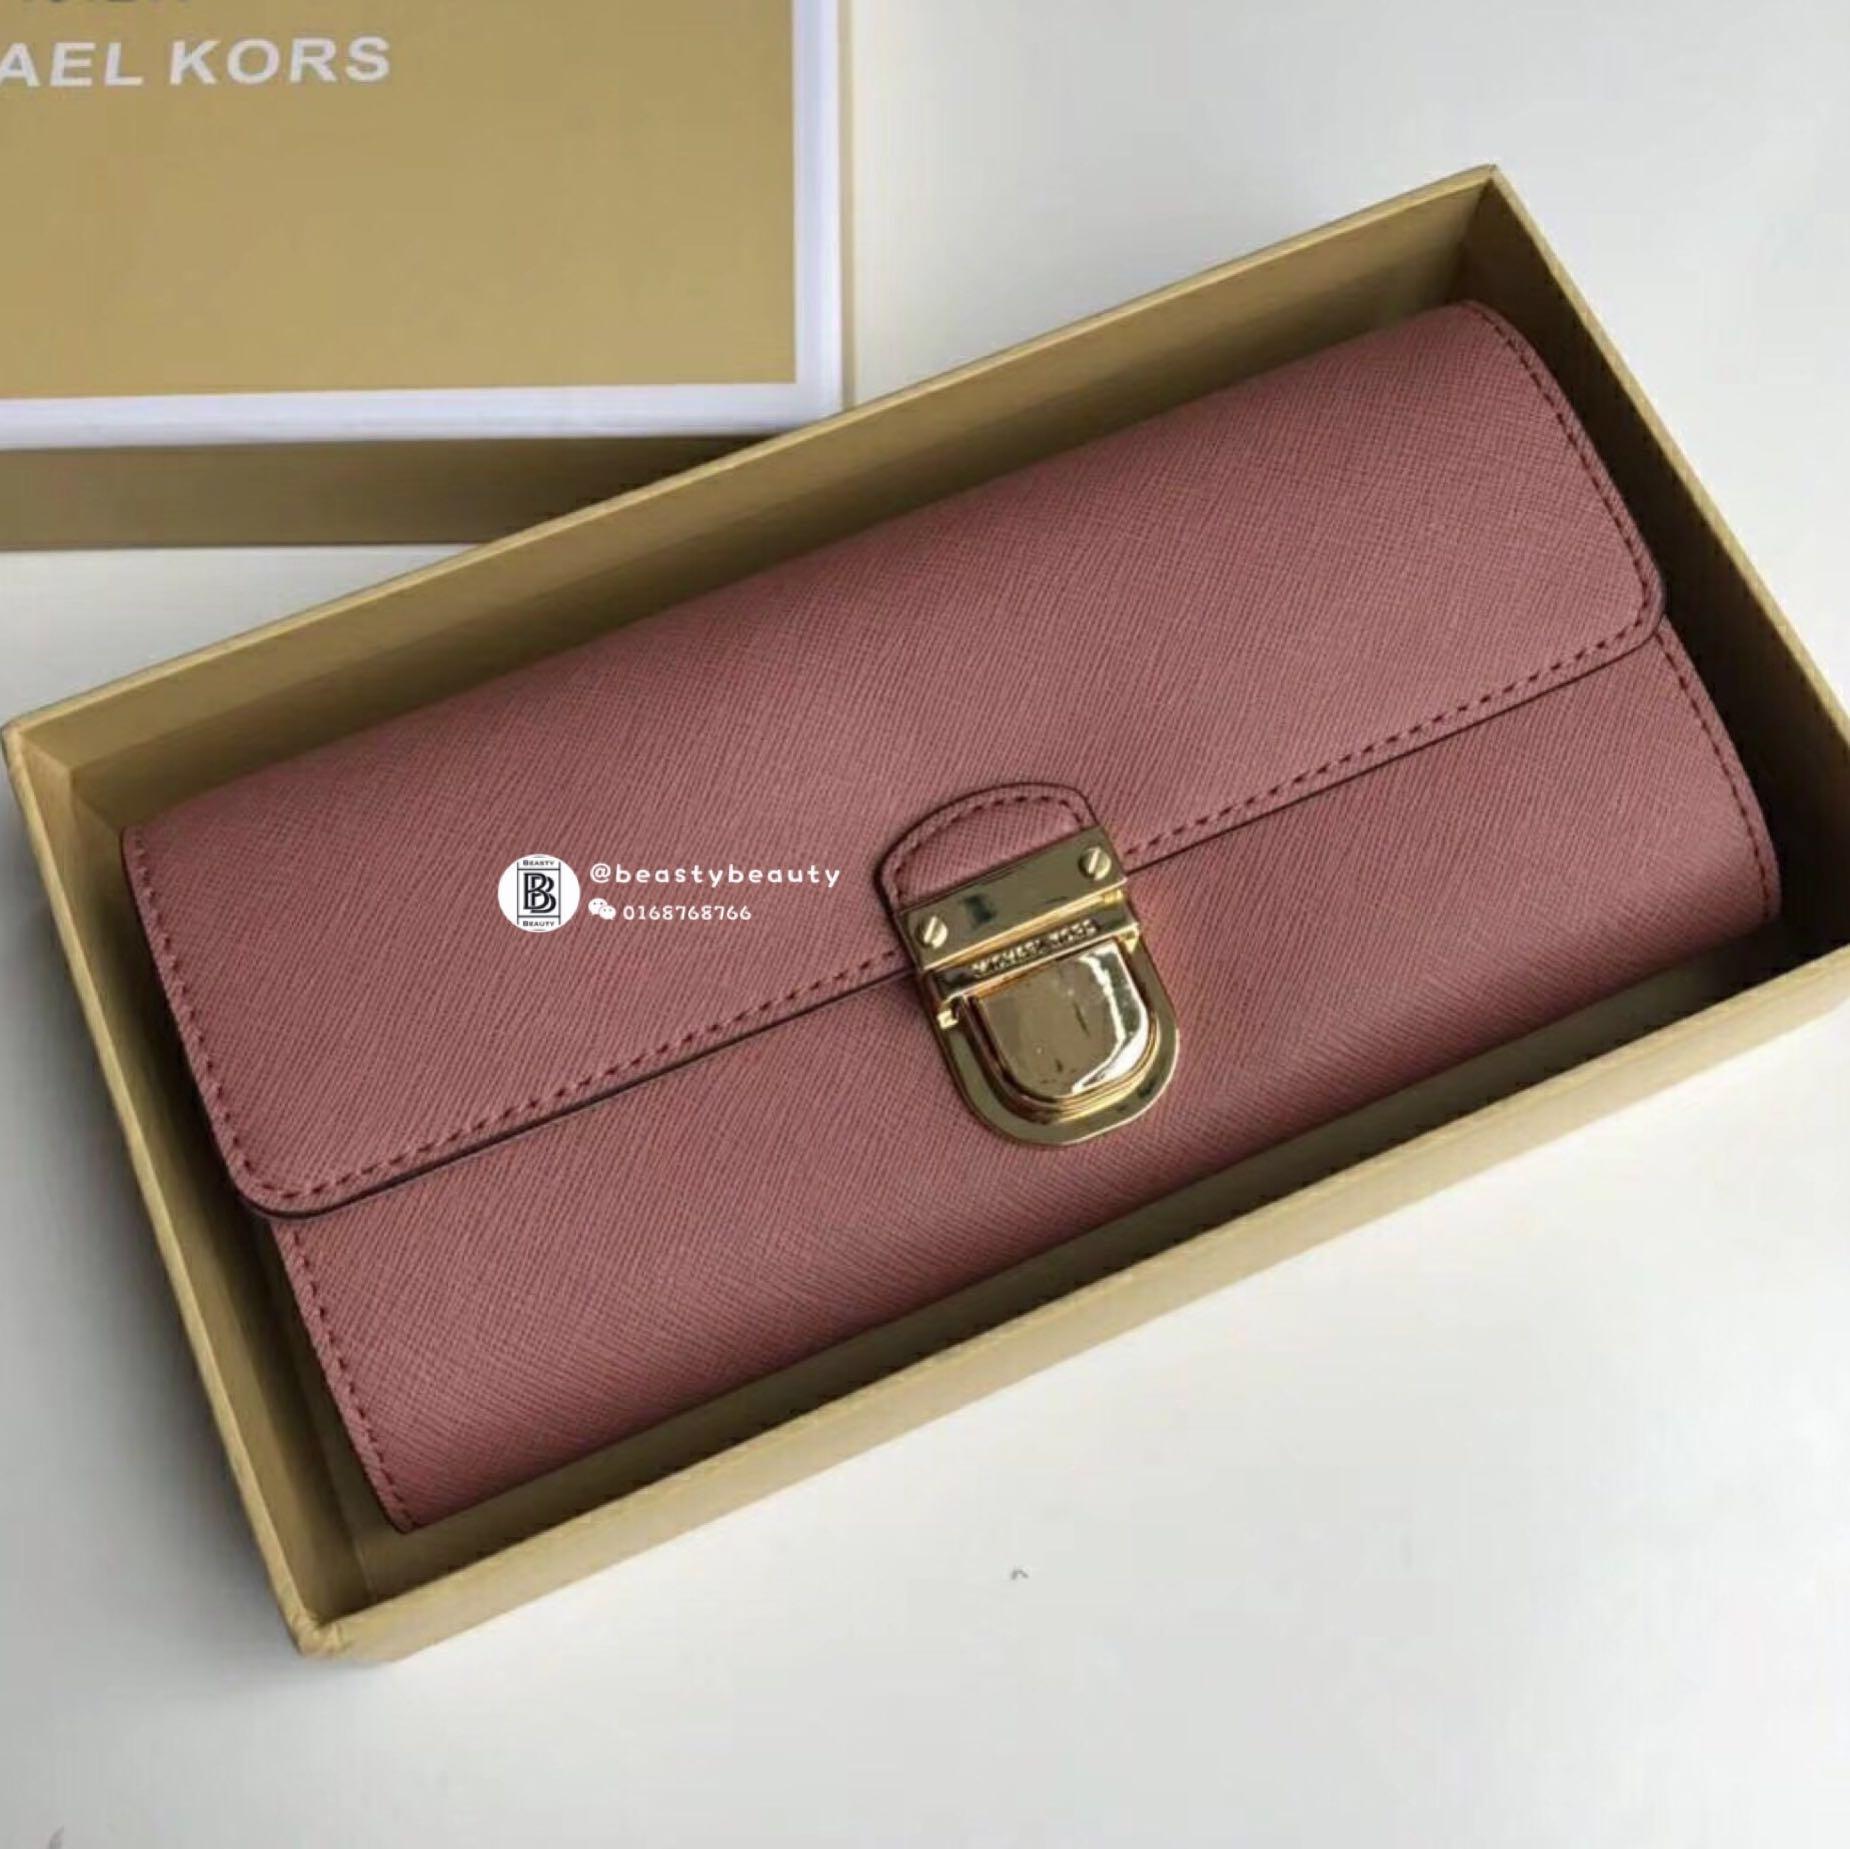 e39c81fc4f09 Michael Kors Bridgette Saffiano Flap Wallet, Barangan Mewah, Beg dan ...